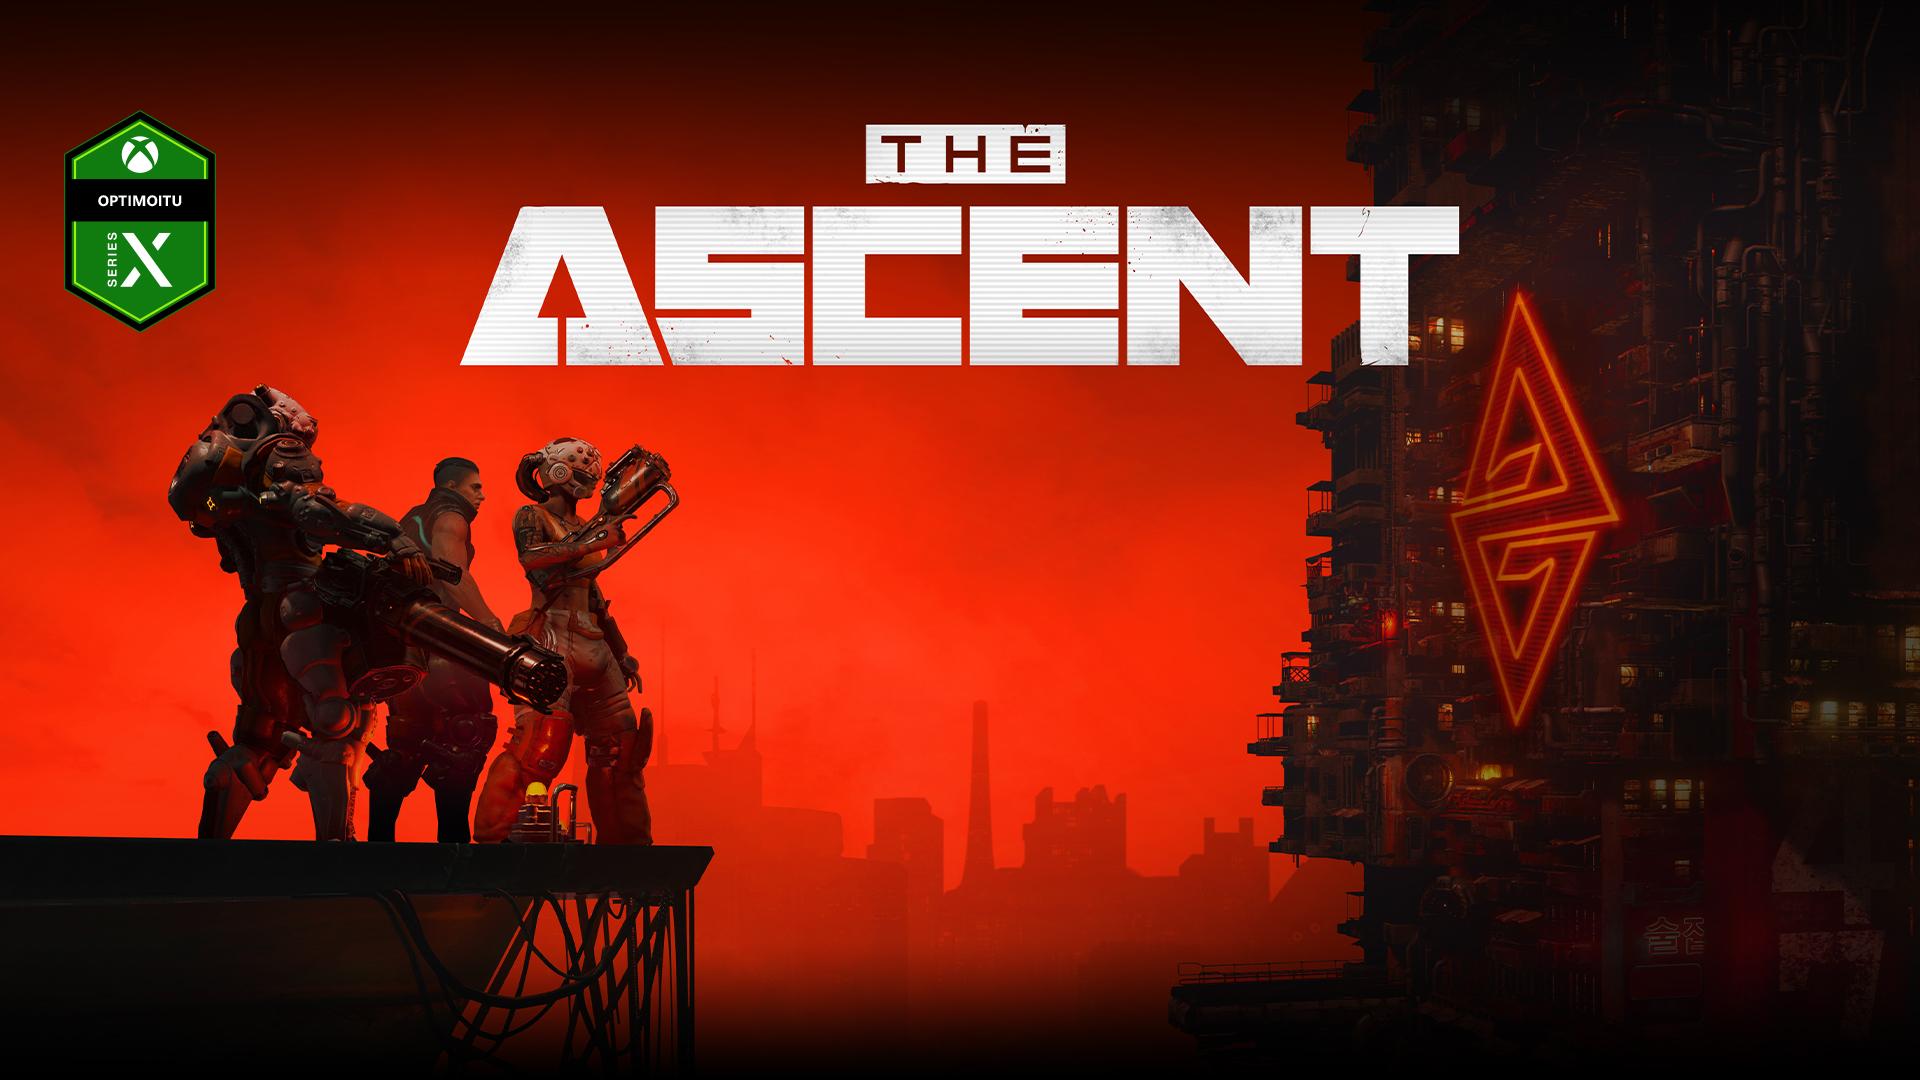 The Ascent, optimoitu Xbox Series X:lle, Kolme hahmoa seisoo alustalla, josta on näköala suurelle cyberpunk-tyyliselle teollisuusrakennukselle